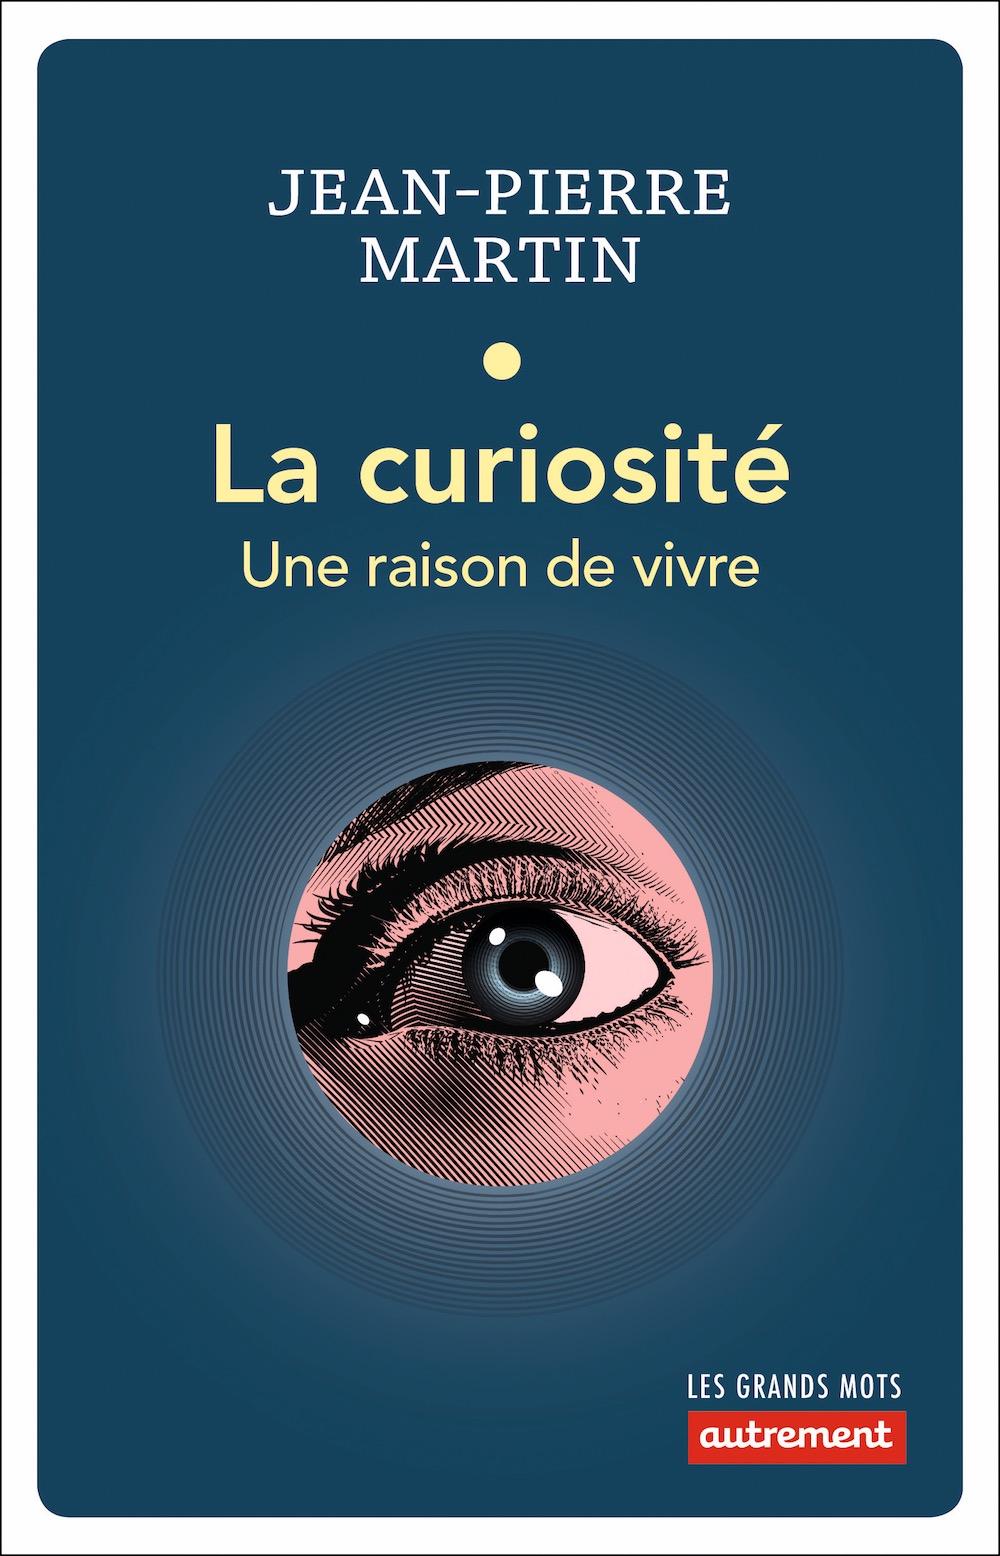 La curiosité, une raison de vivre